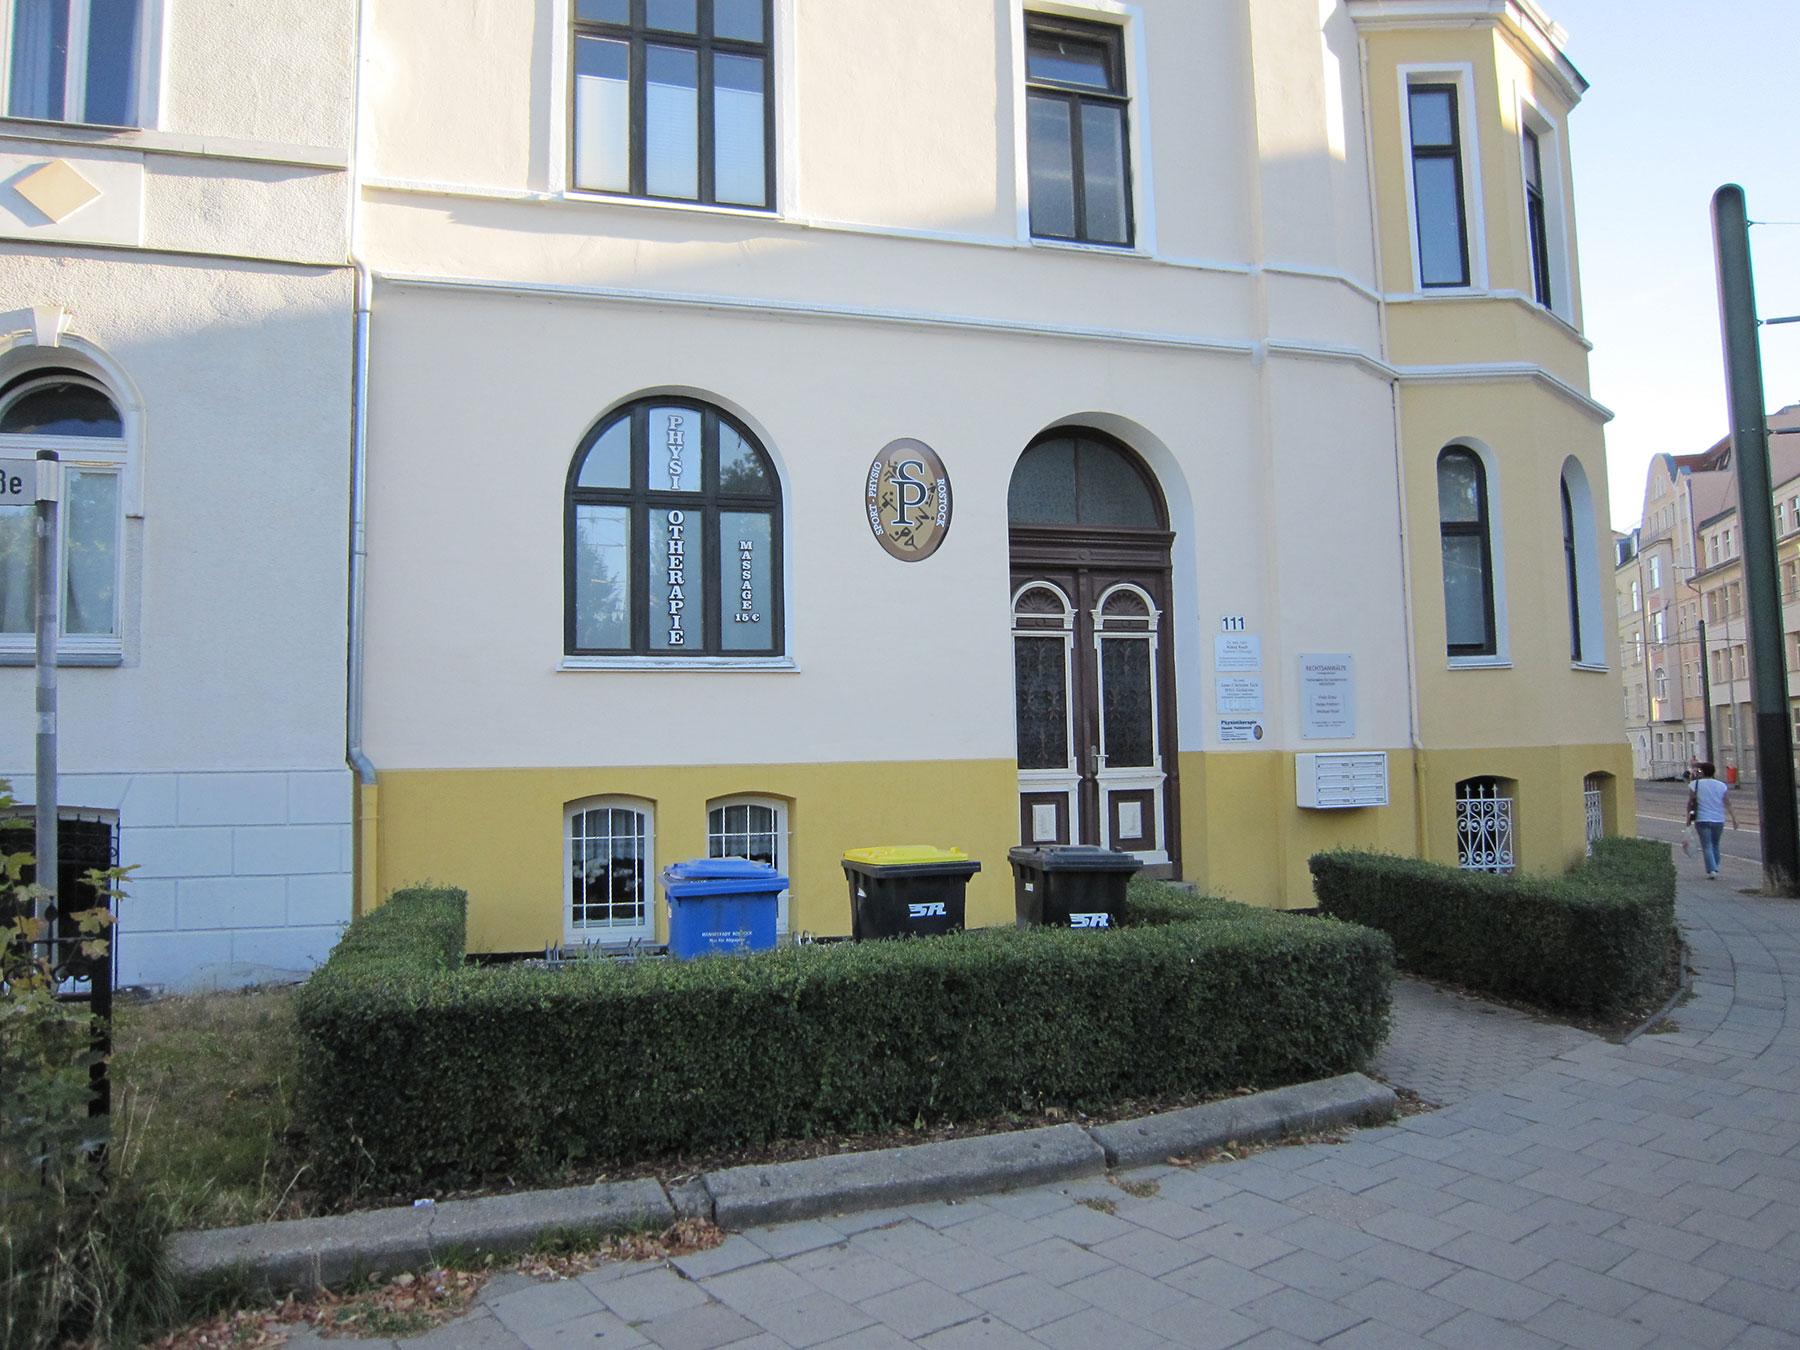 Foto de Sport-Physio Rostock Inh. Tschiersch D. Rostock